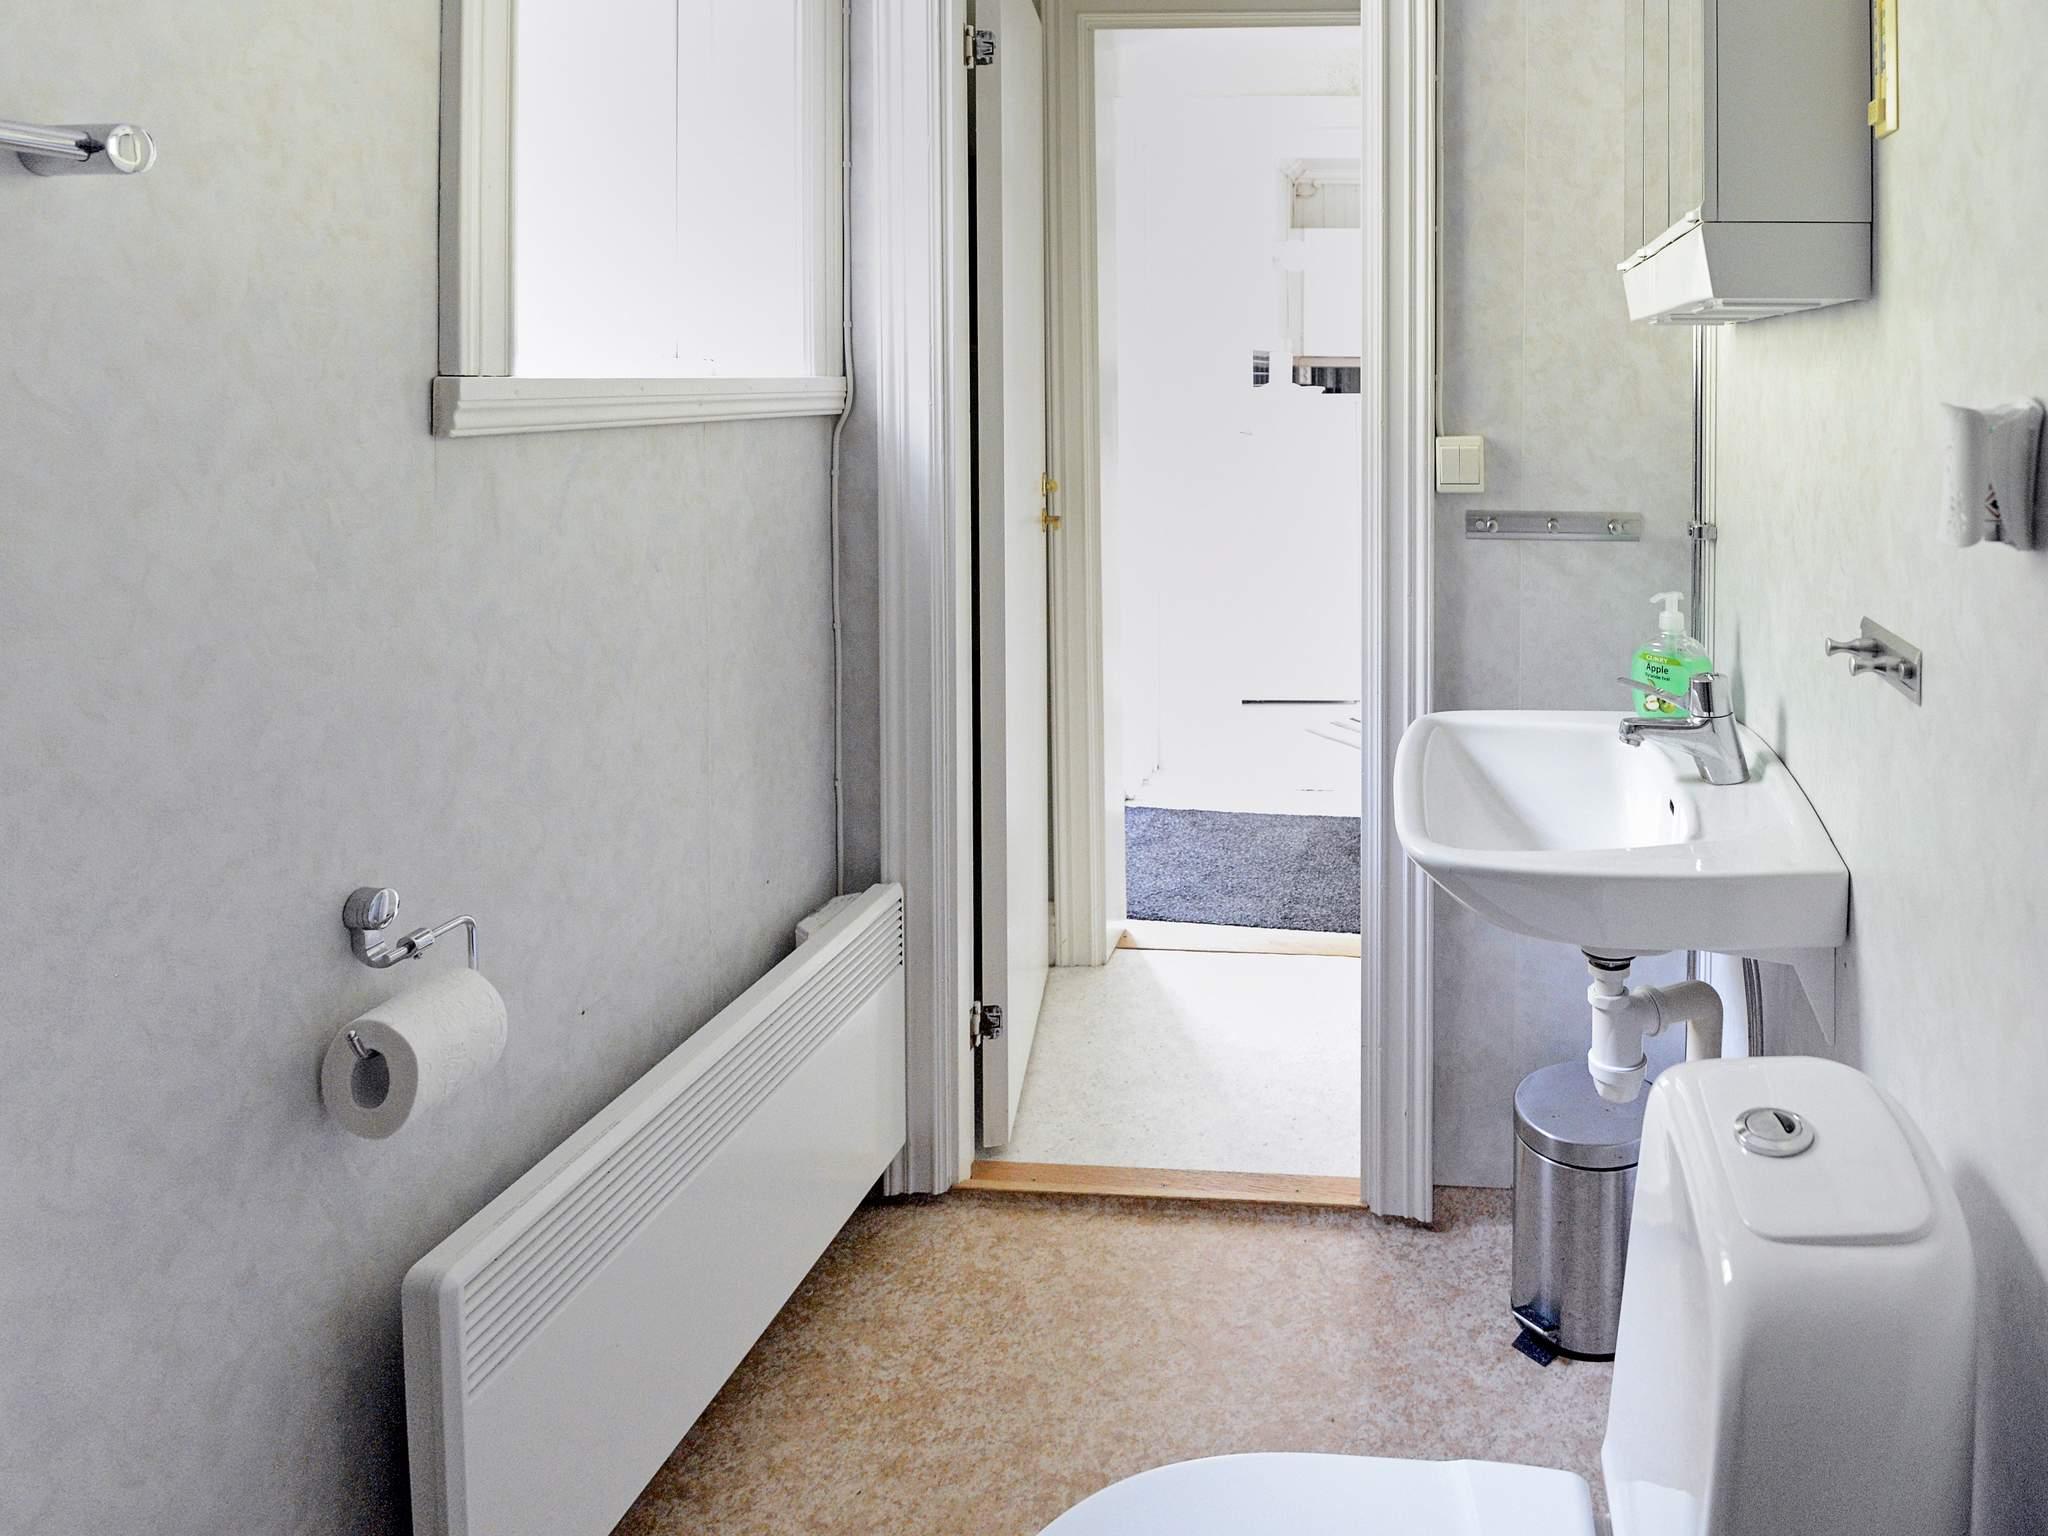 Ferienhaus Mariefred (426484), Mariefred, Södermanlands län, Mittelschweden, Schweden, Bild 10